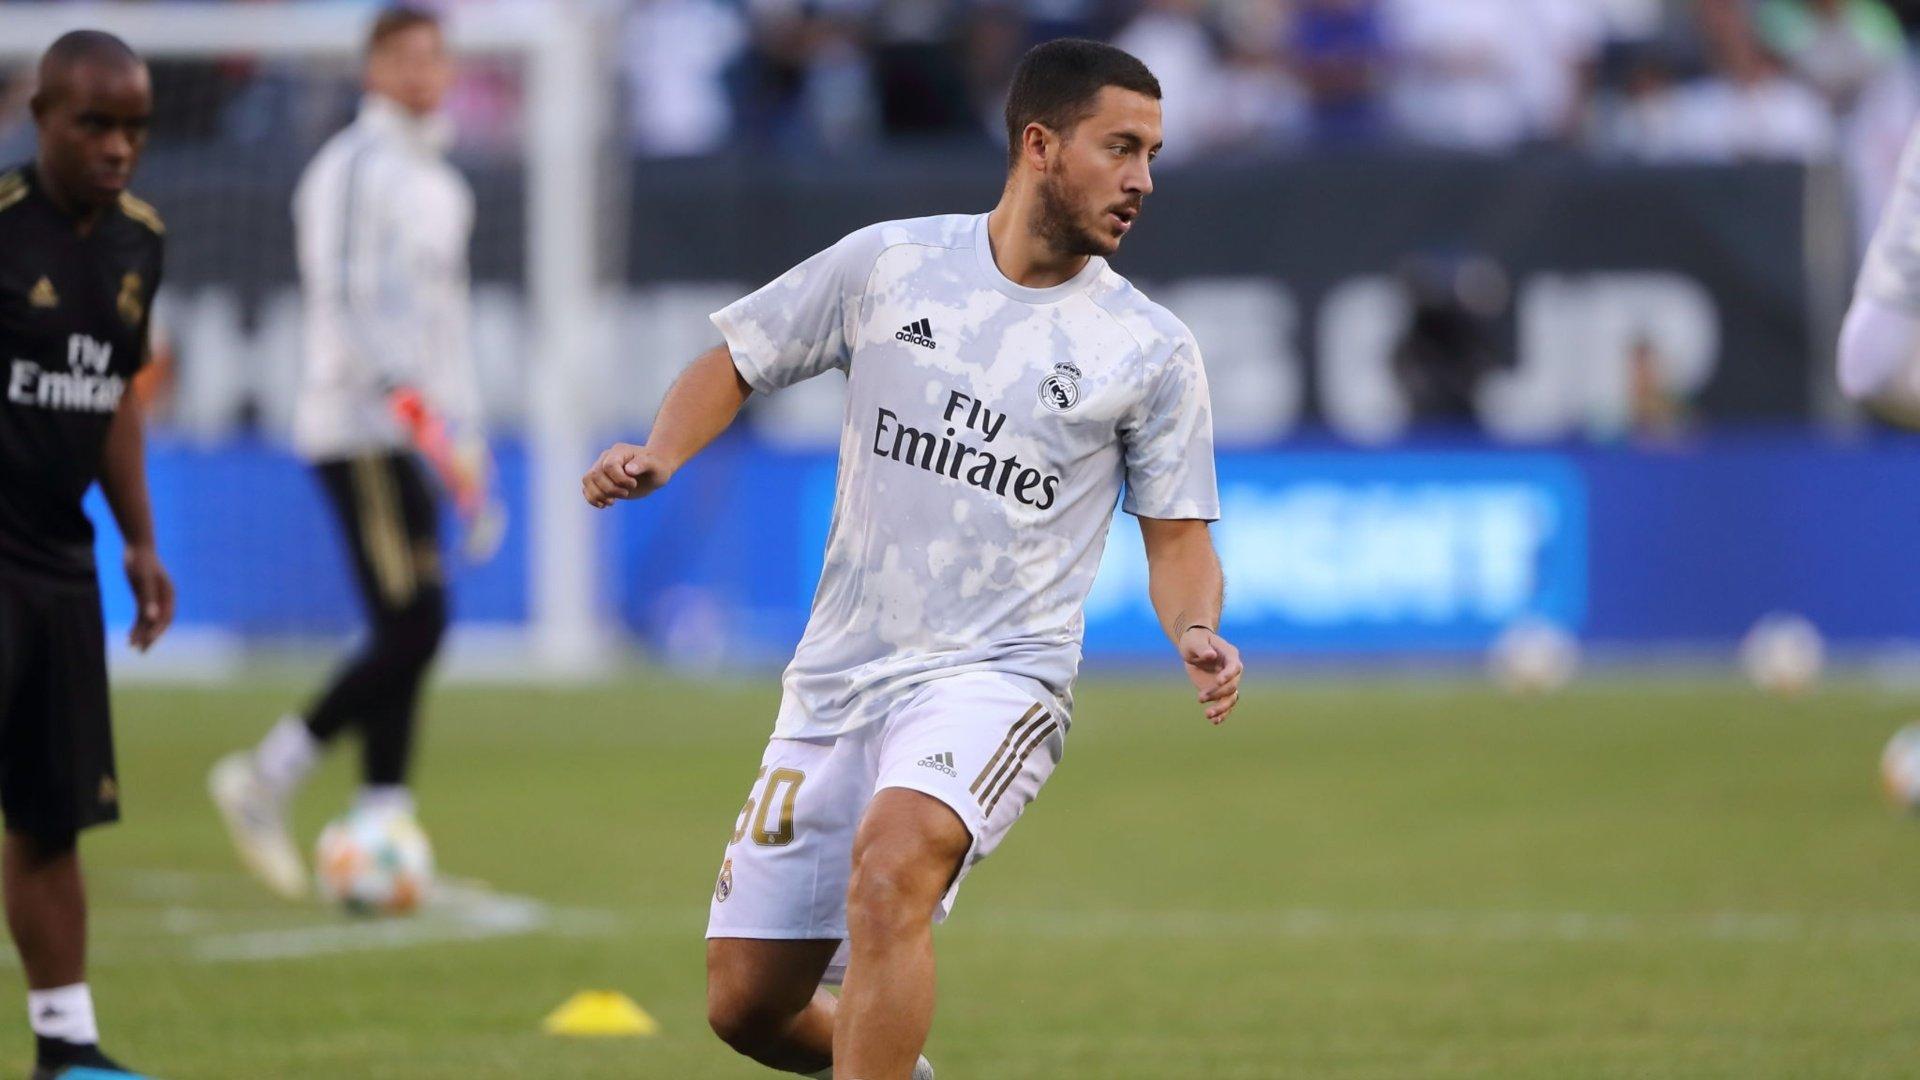 BREAKING: Hazard will miss Celta Vigo game with hamstring injury